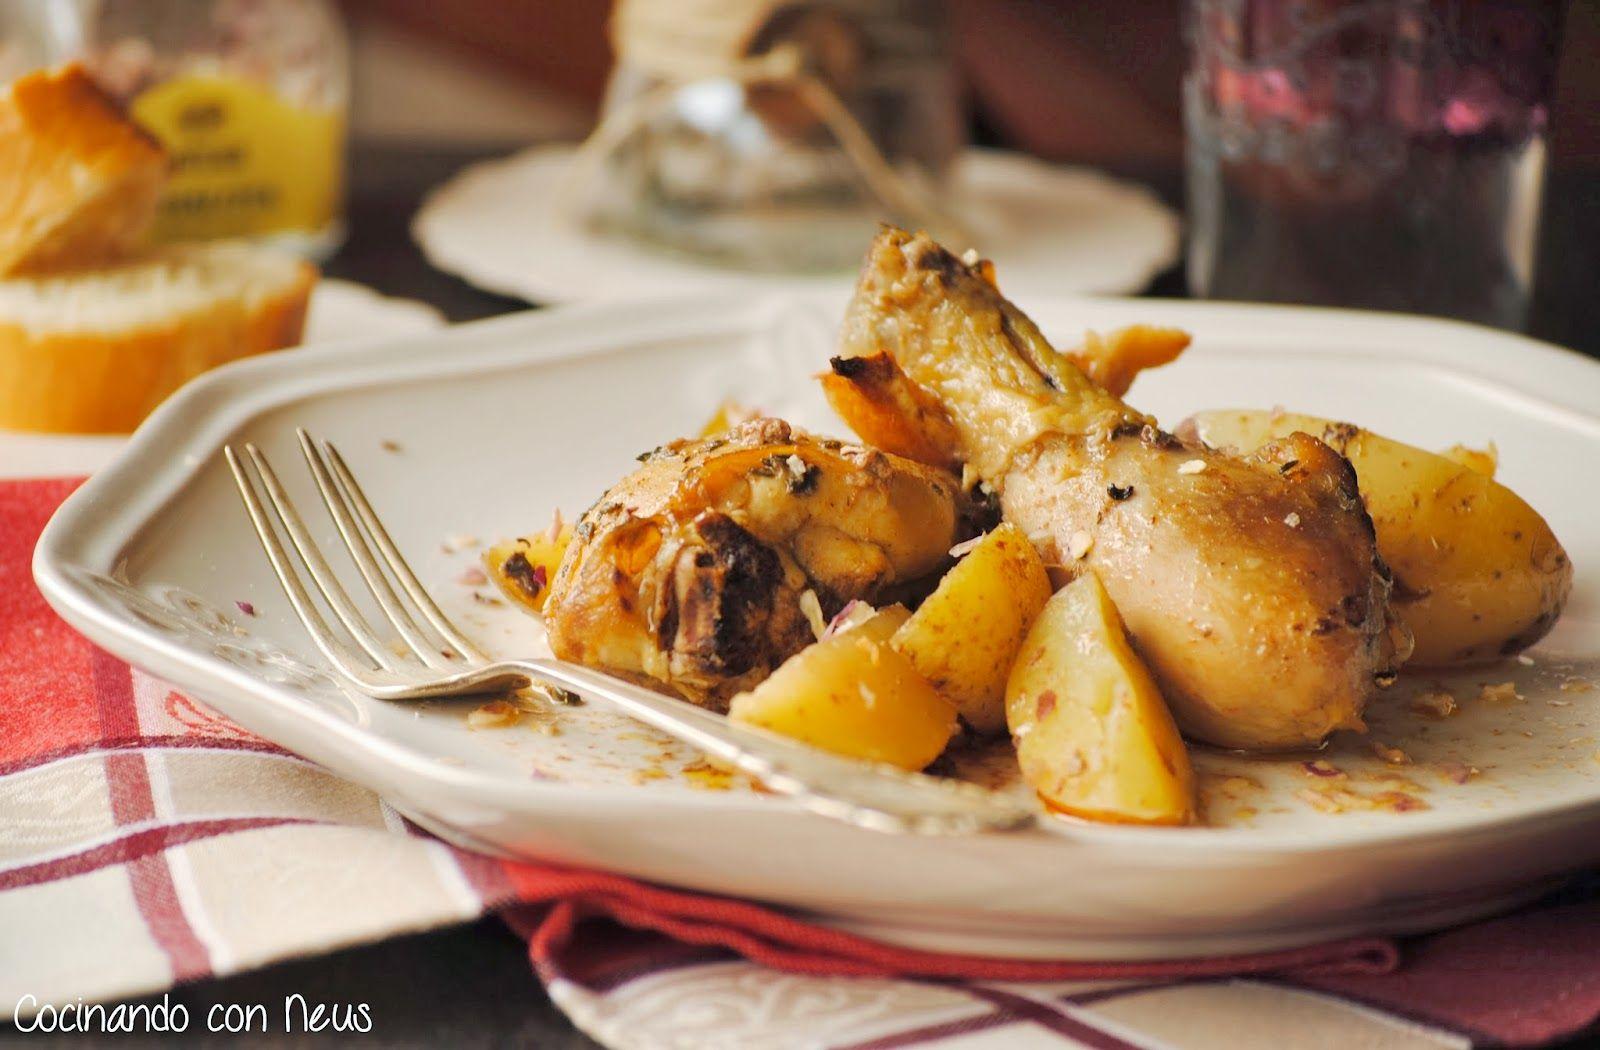 Pollo macerado con pimentón de la Vera al horno